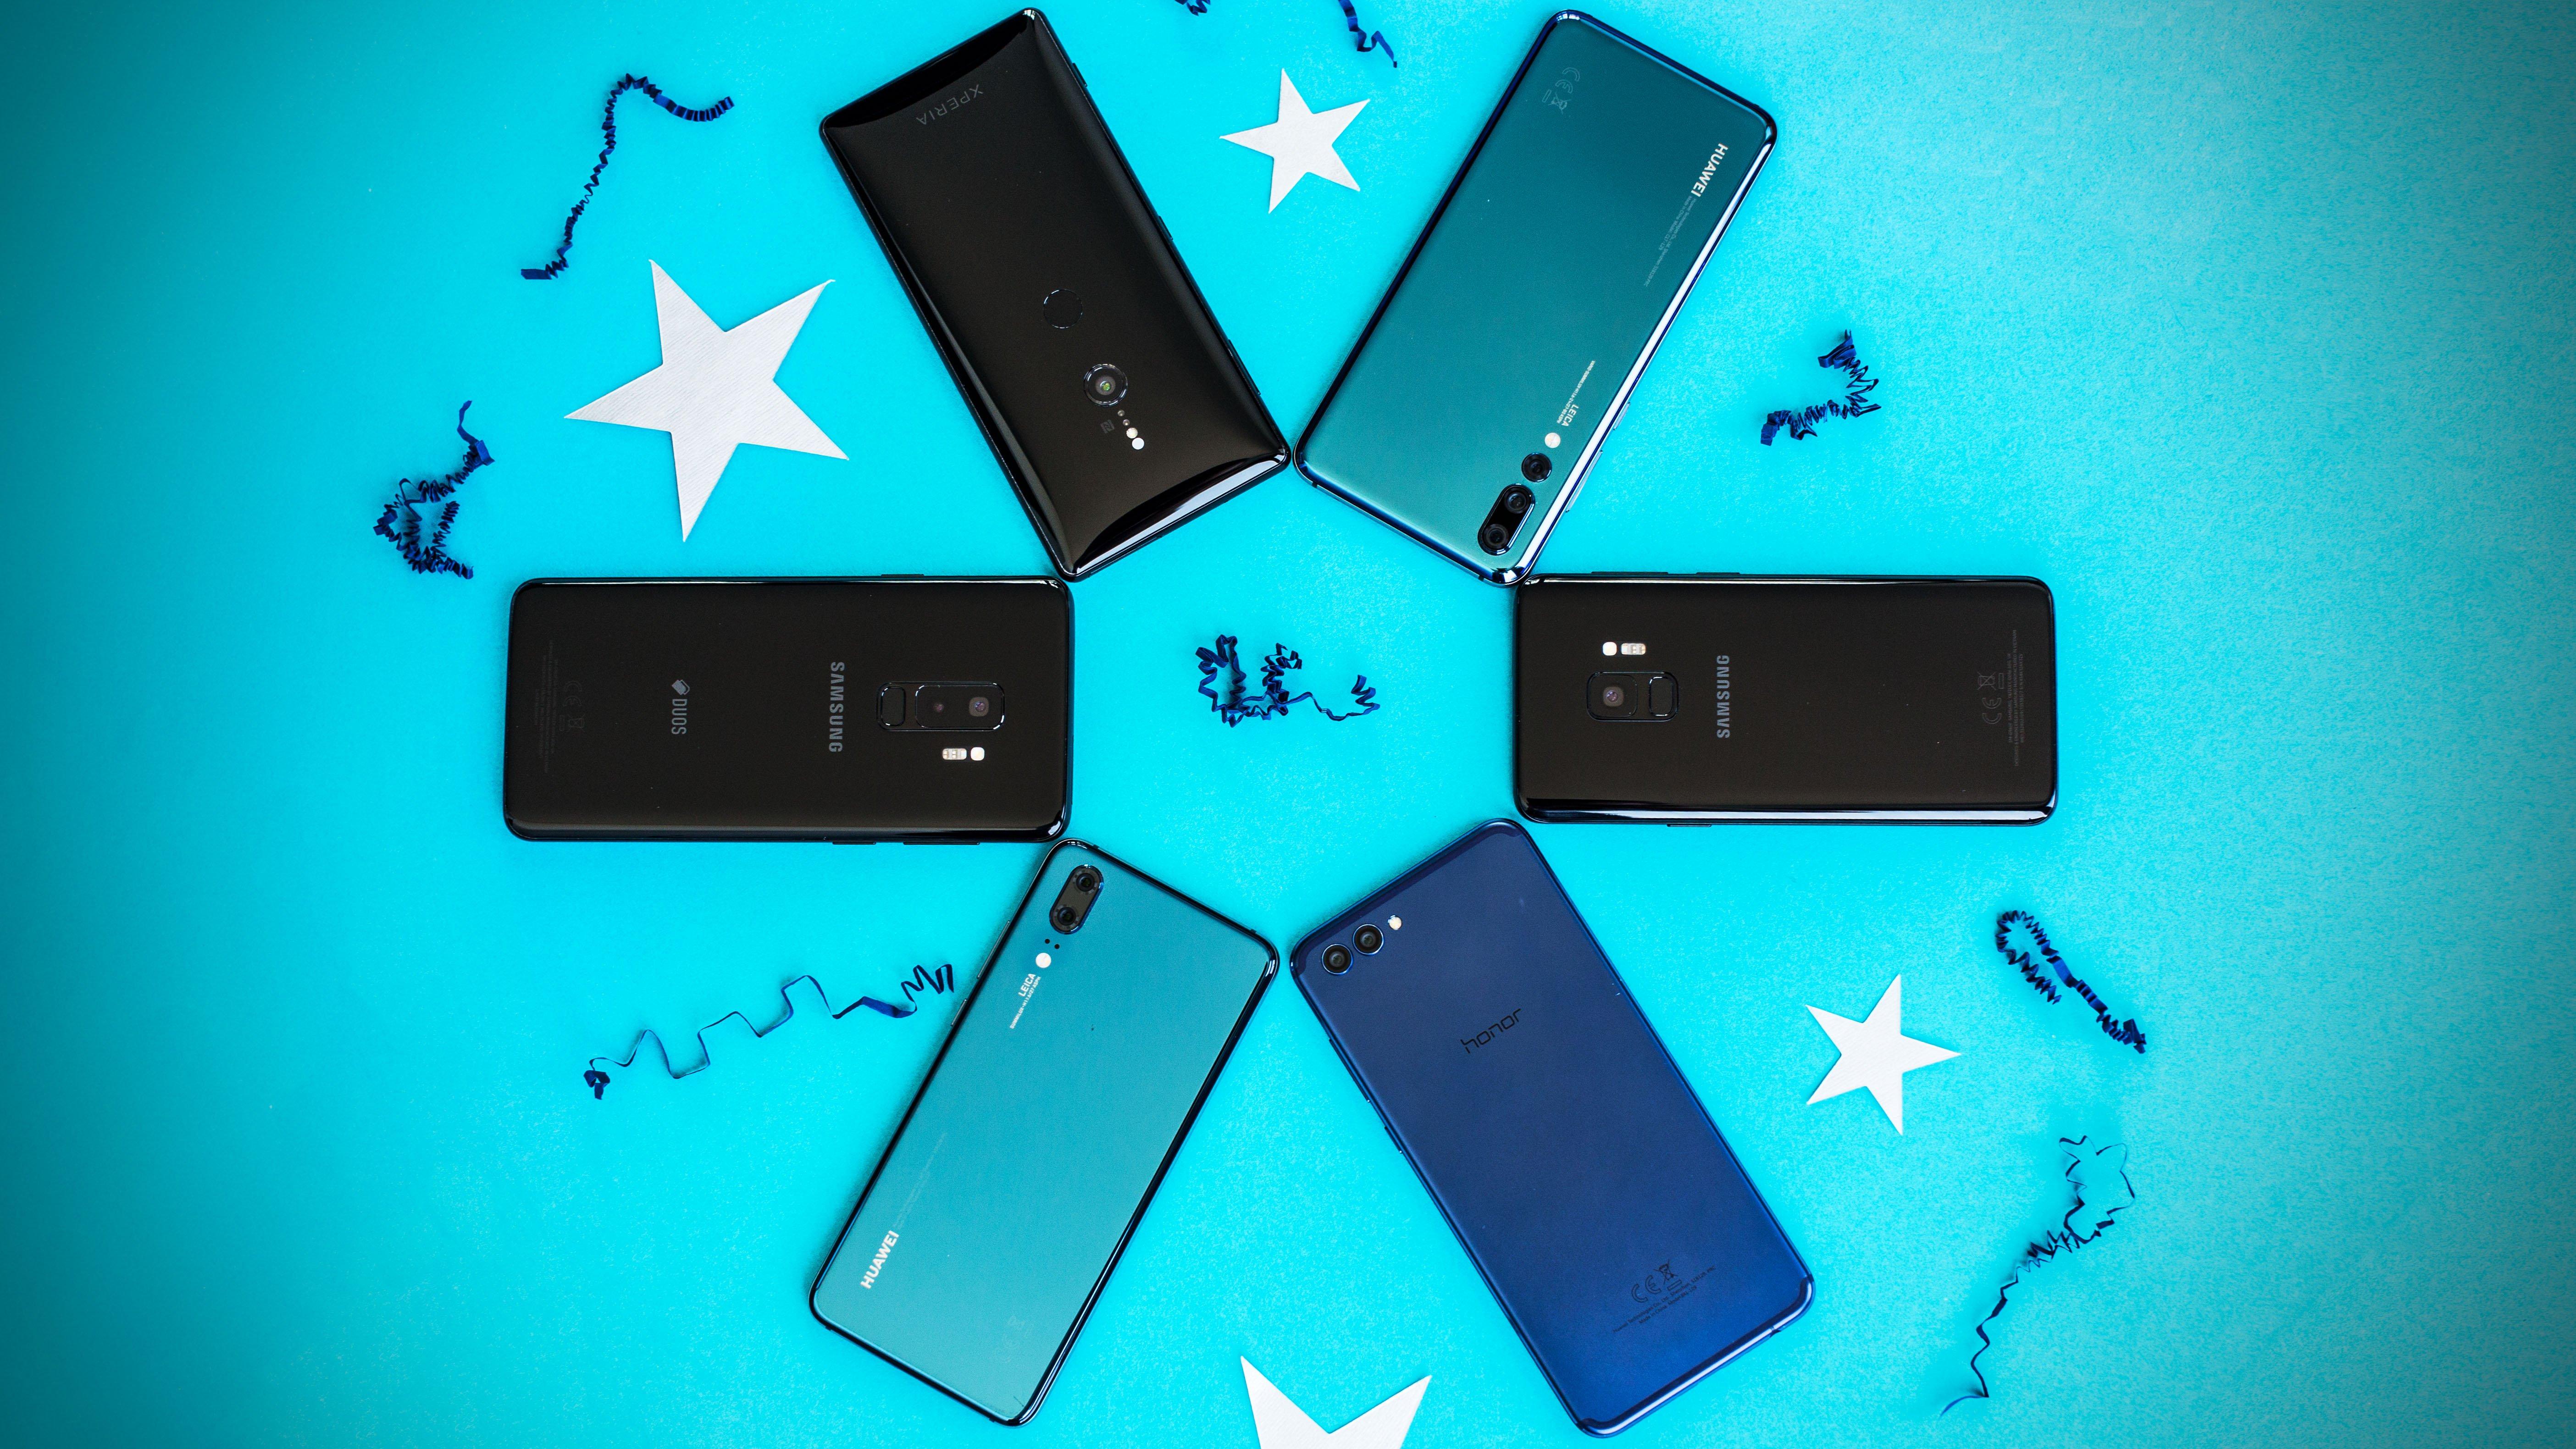 Jede Menge neuer Super-Smartphones im Anmarsch: Der Herbst wird heiß!